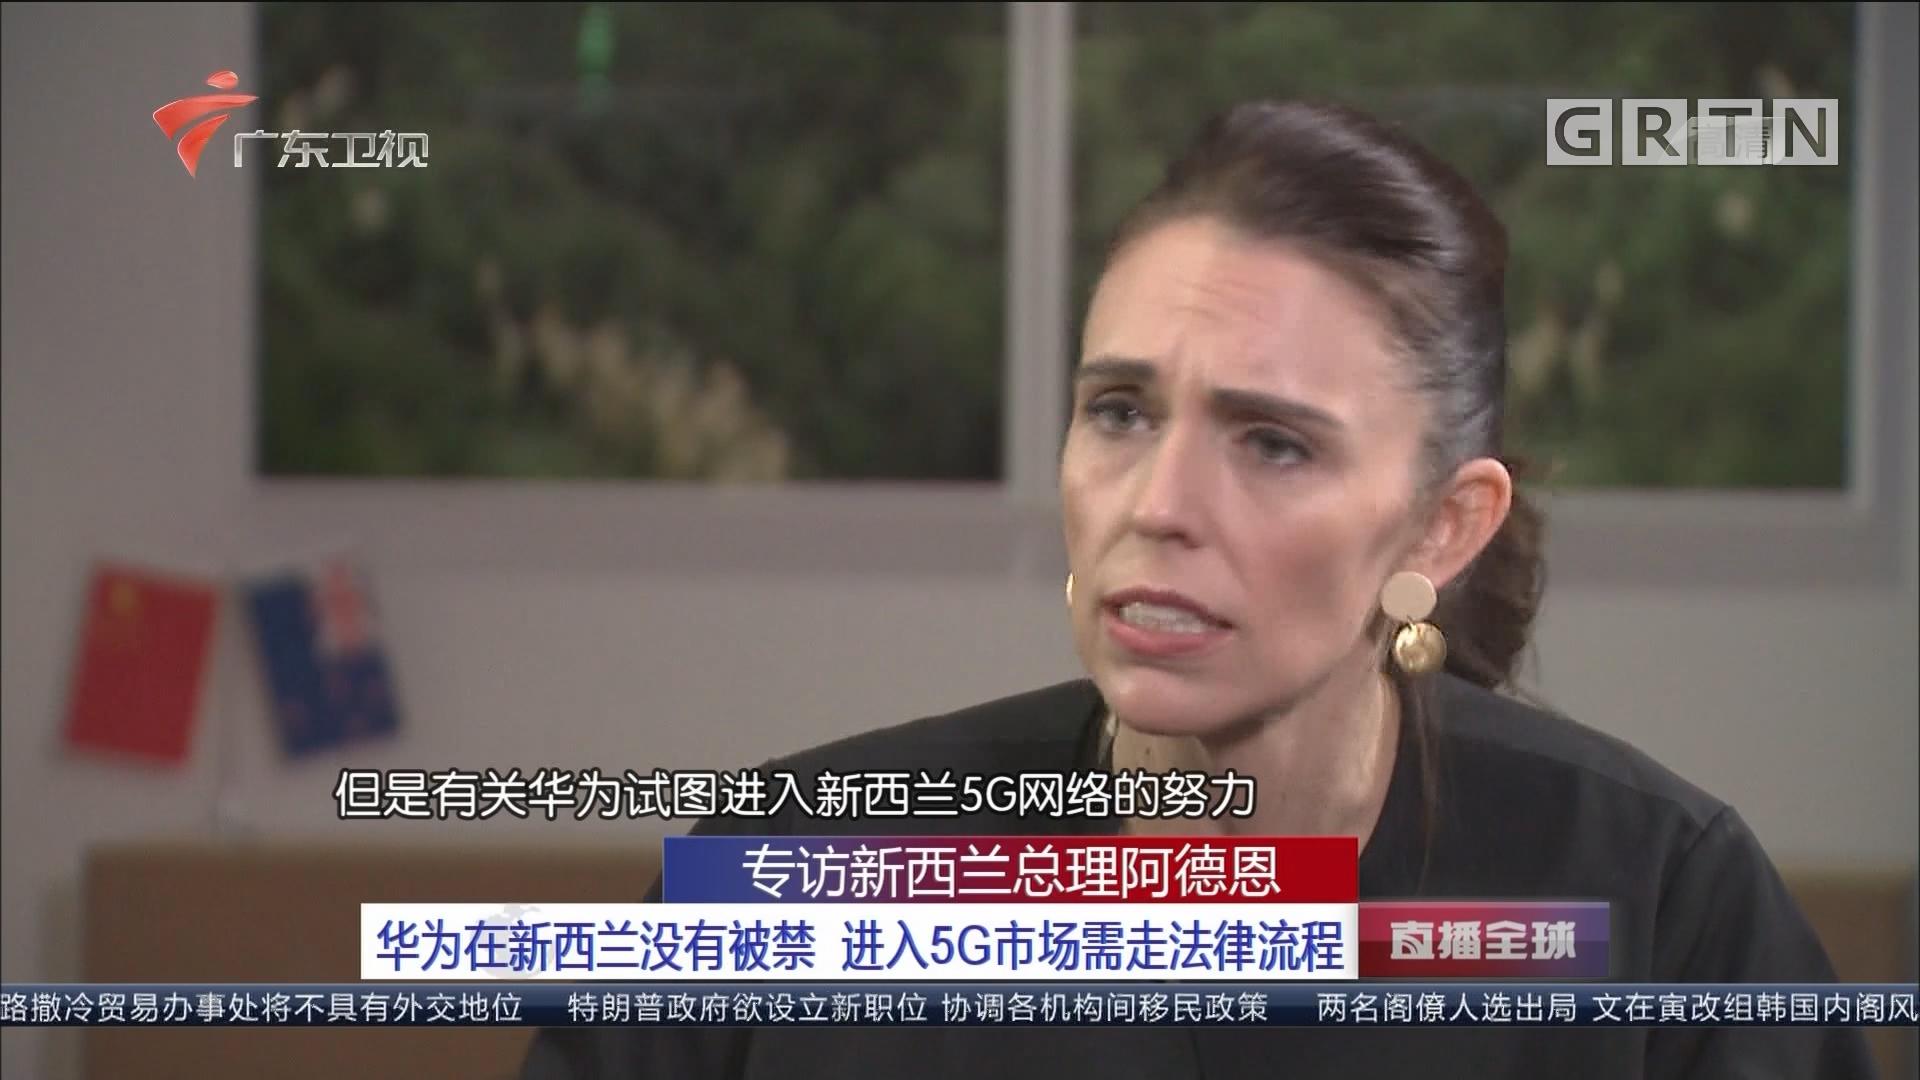 专访新西兰总理阿德恩:华为在新西兰没有被禁 进入5G市场需走法律流程